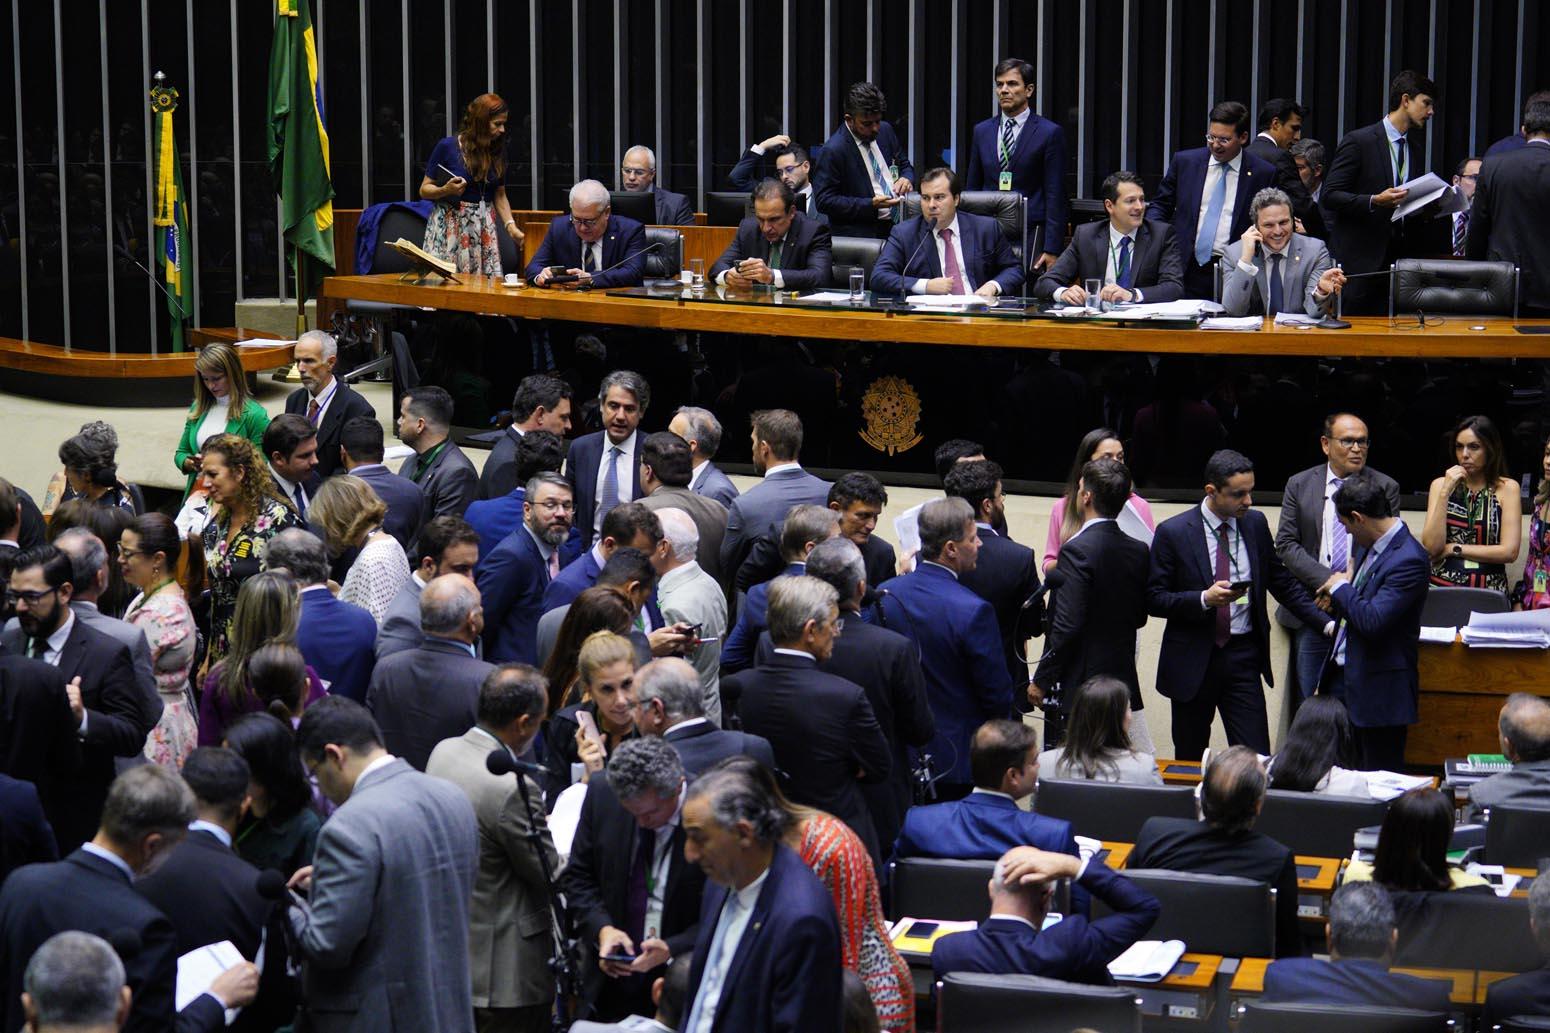 Baixada Fluminense ganha uma frente  parlamentar na Câmara dos Deputados